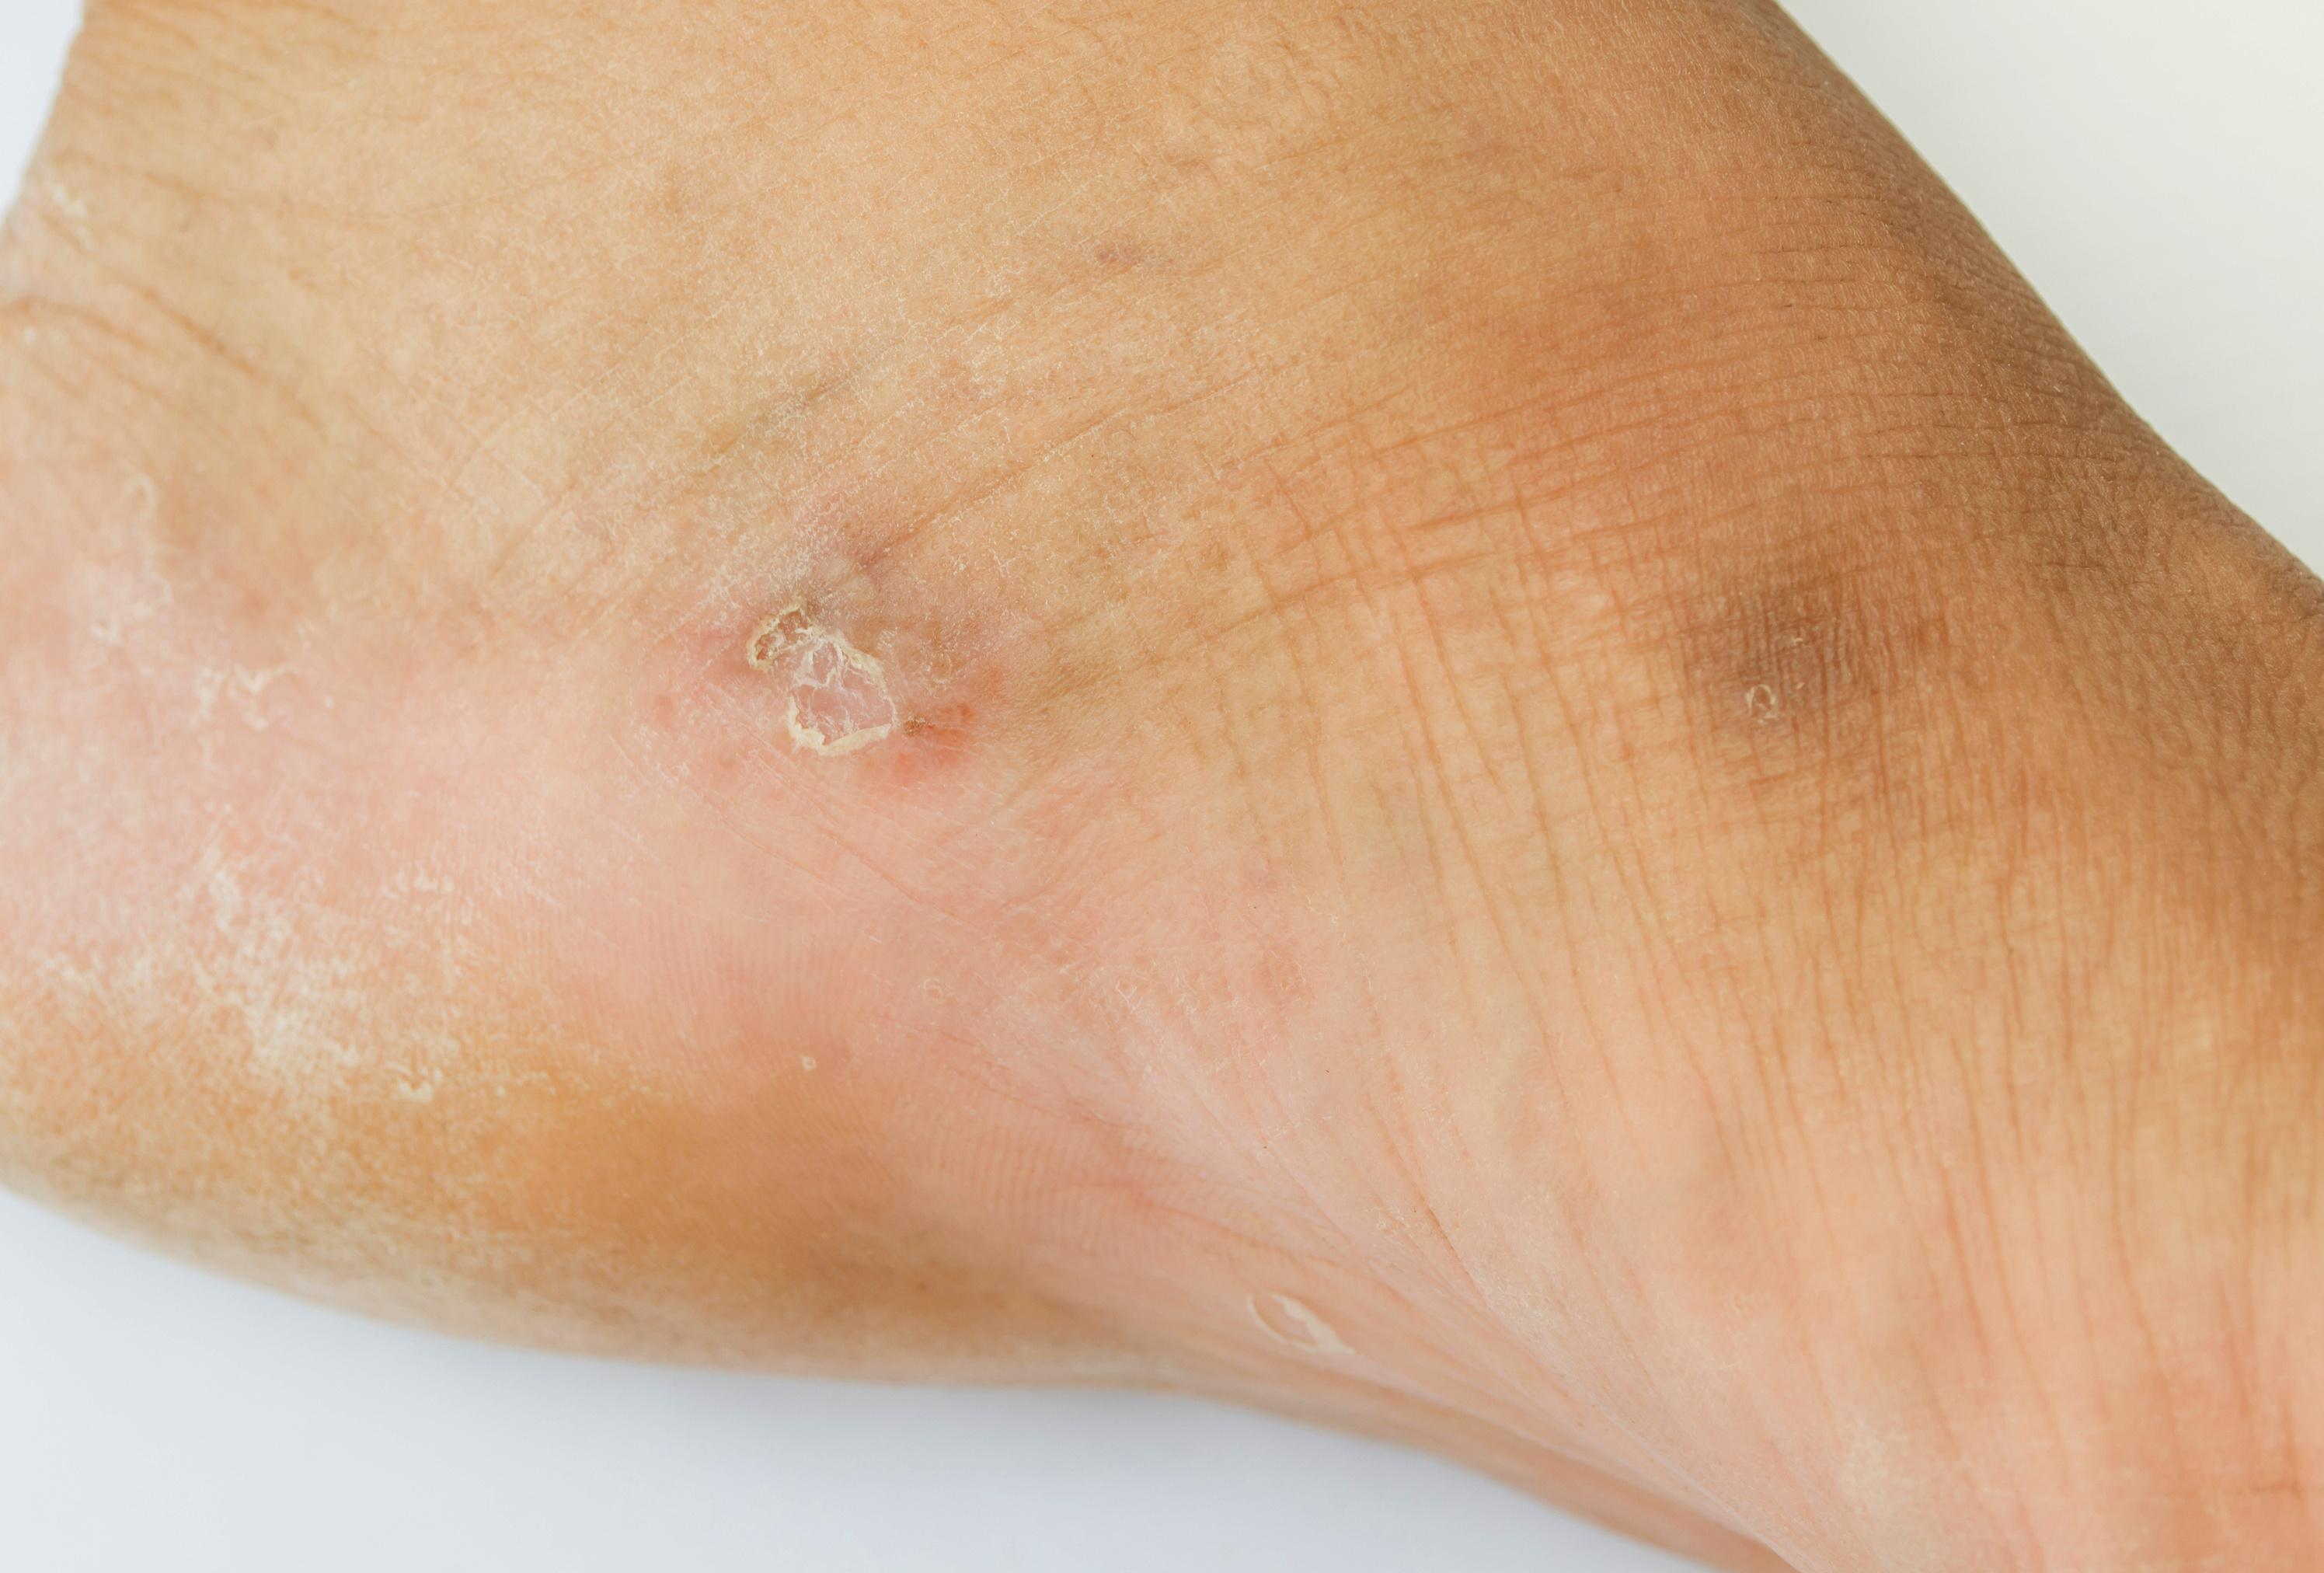 vörös foltok az arcon hámló és viszkető kezelés vörös foltok a lábakon lévő bőrön